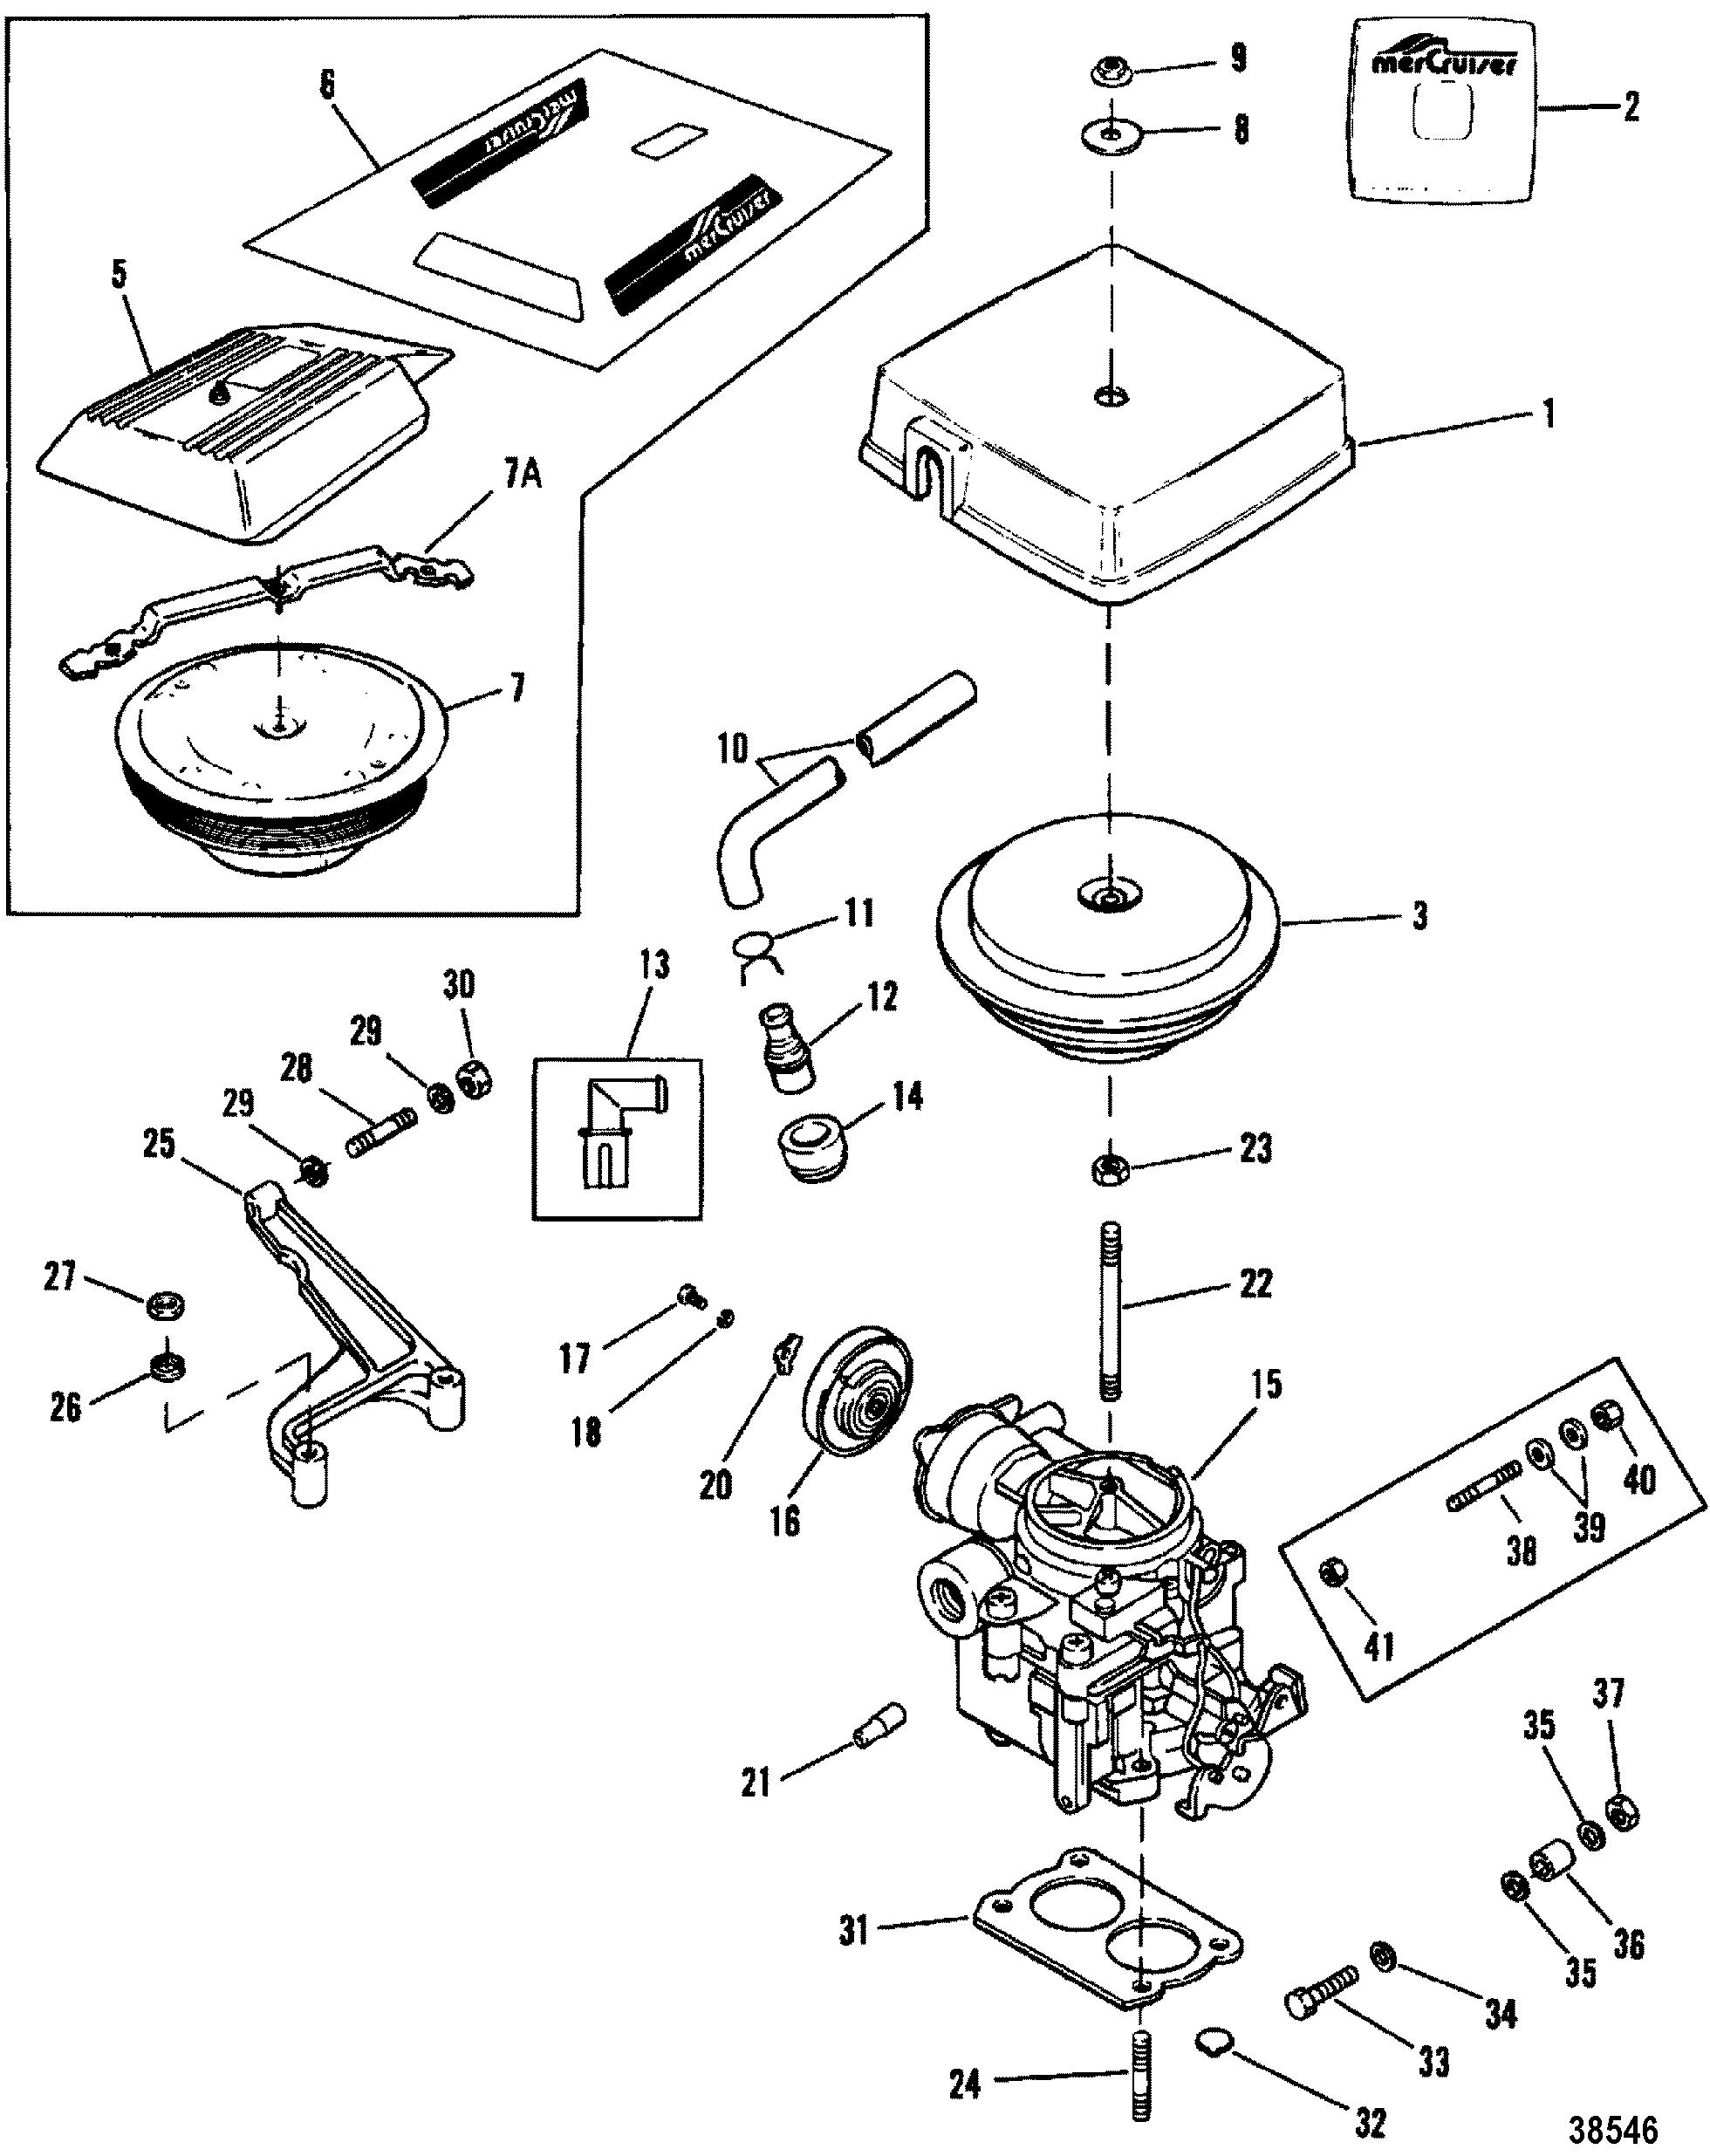 4 Barrel Carburetor Diagram 350